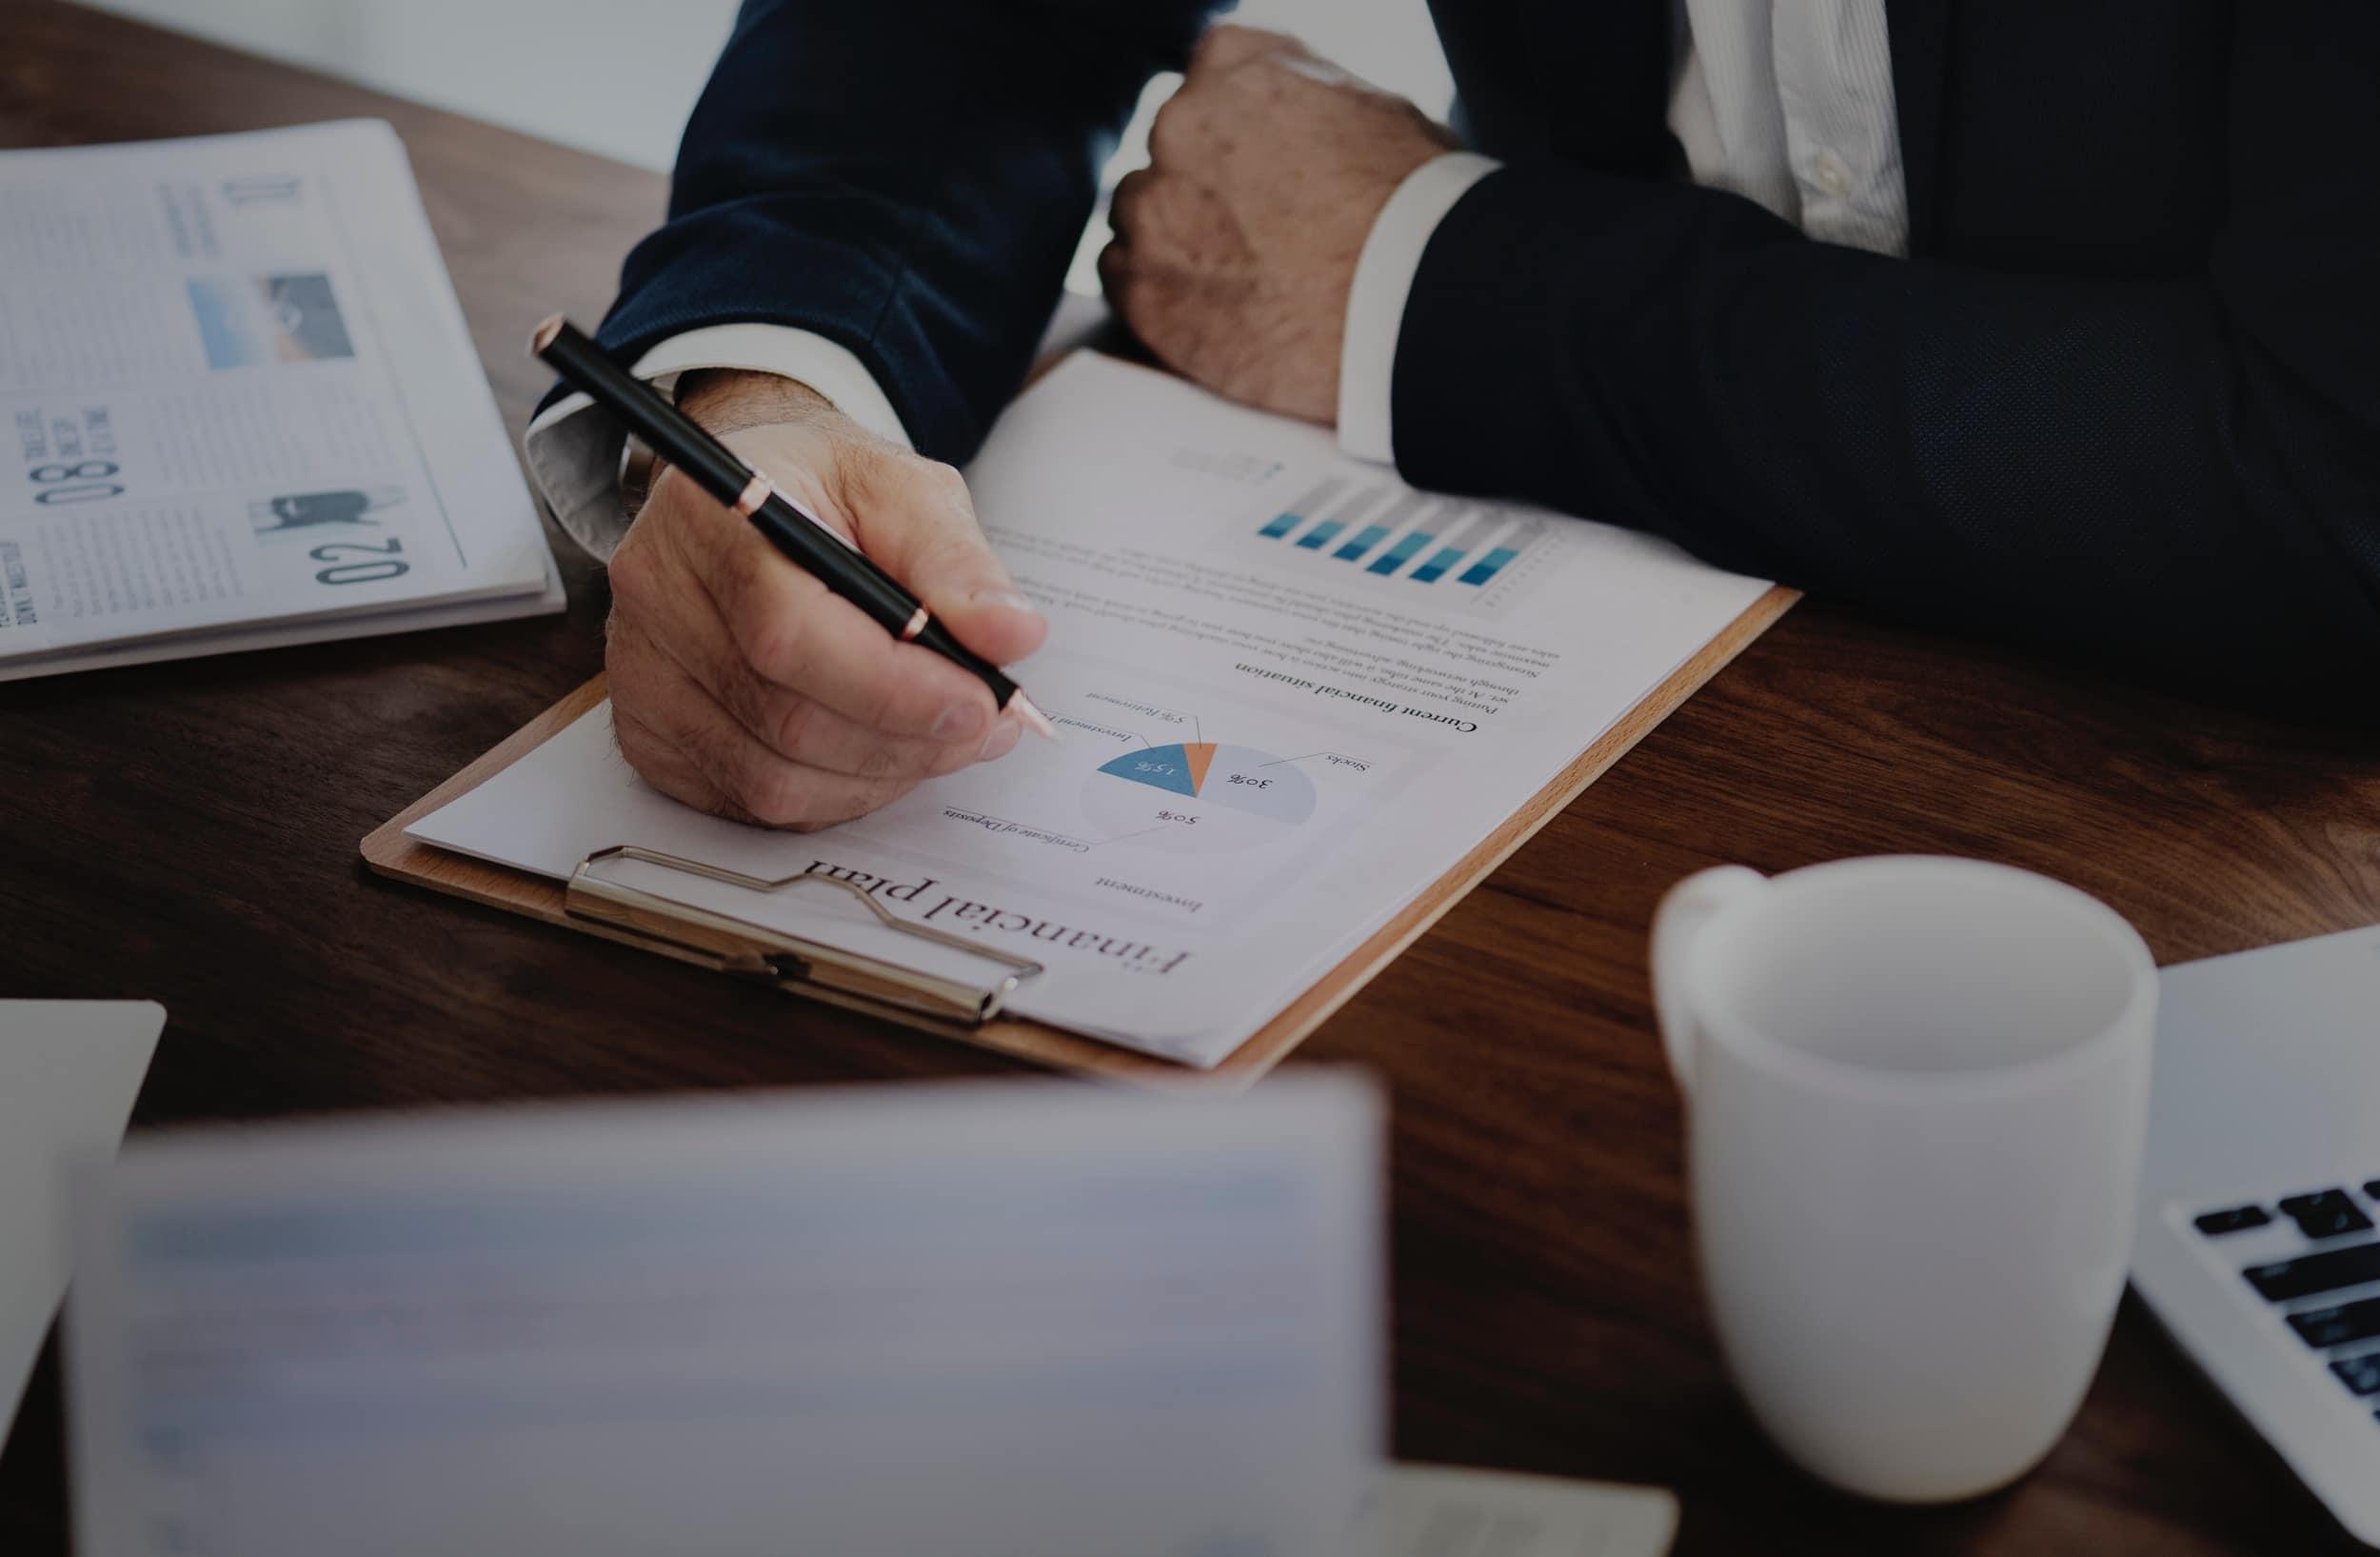 Relatórios gerenciais: Como fazer?